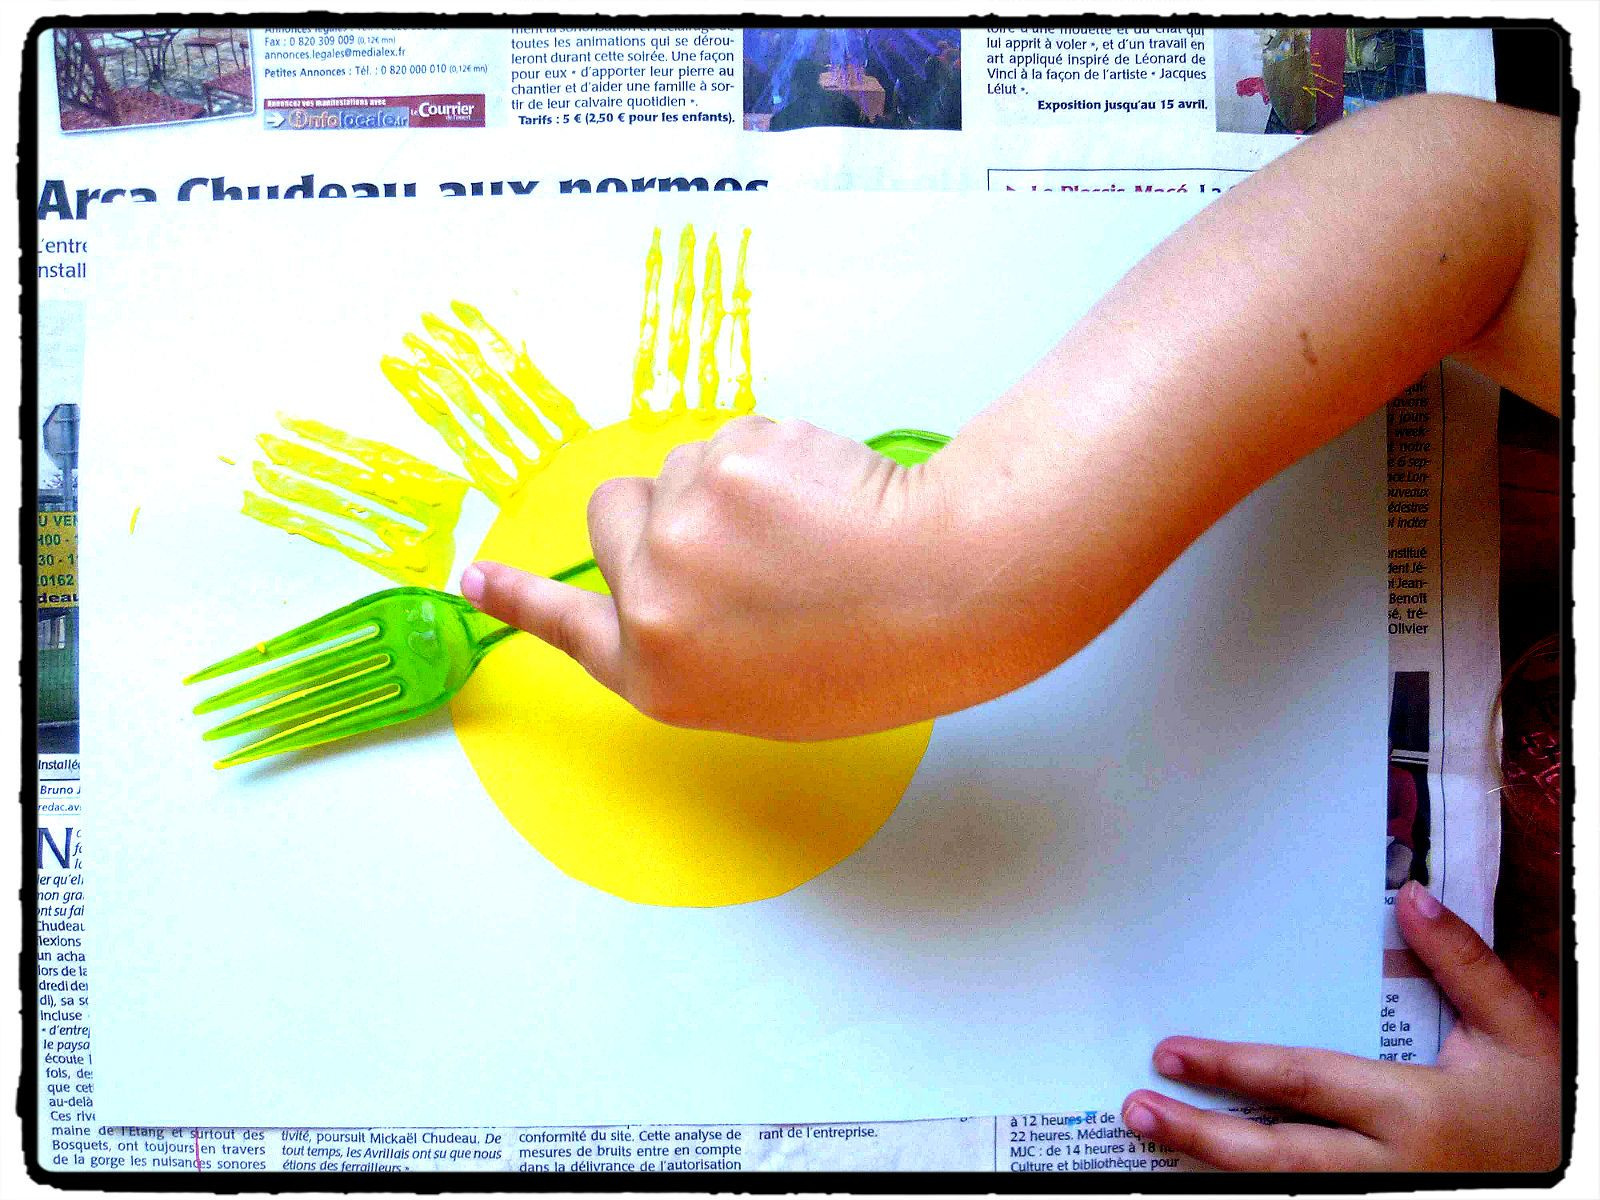 soleil la fourchette acm t activities for kids. Black Bedroom Furniture Sets. Home Design Ideas